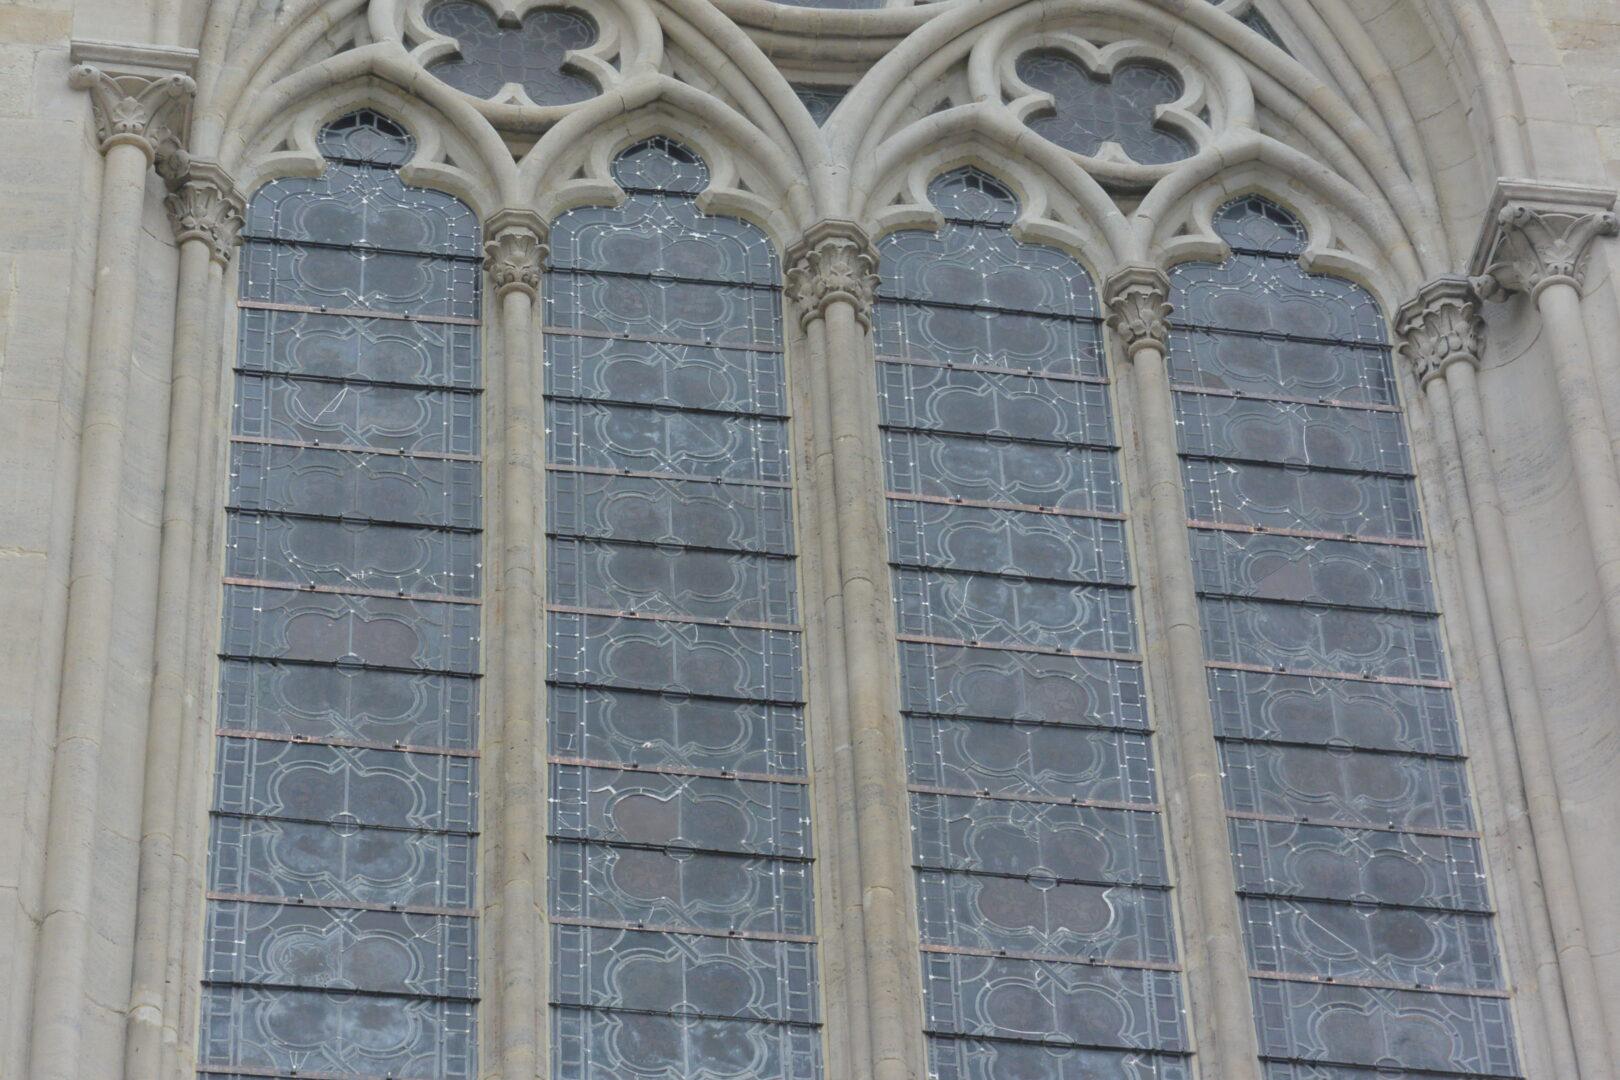 Conservatie en restauratie glasramen uit de St. Servaaskerk (Schaarbeek) - © Atelier Mestdagh glas in lood kerkramen